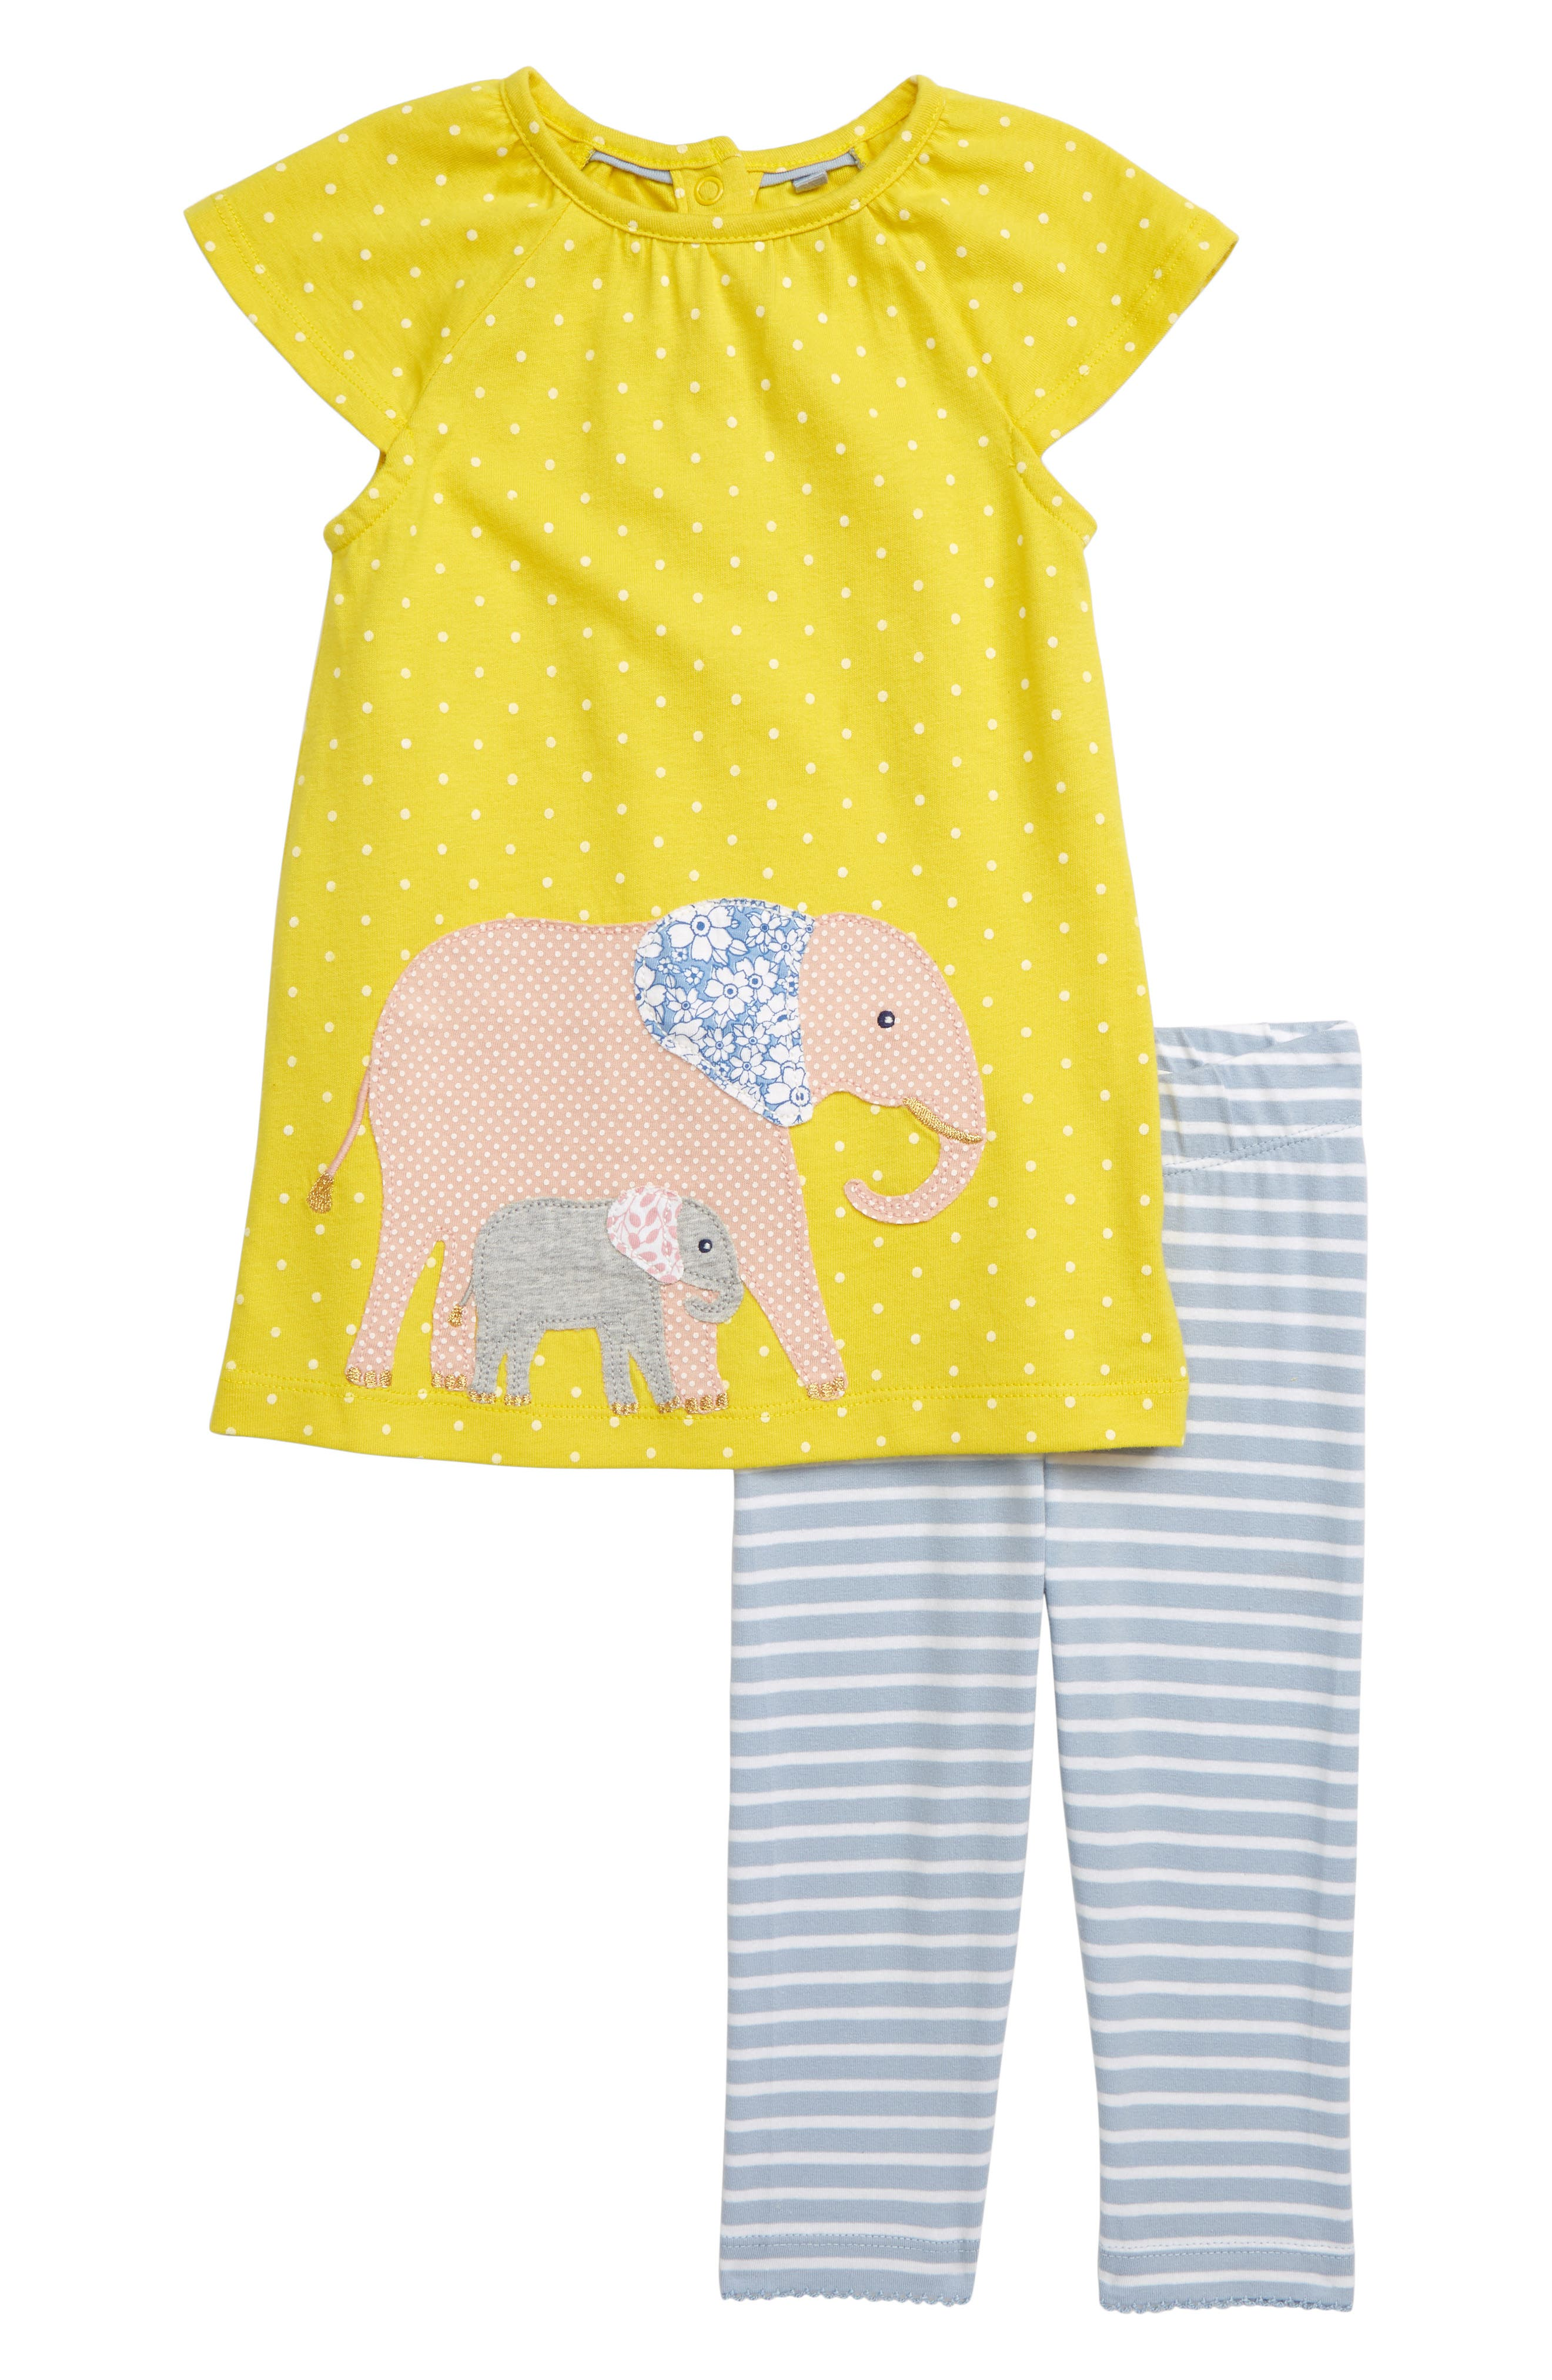 Toddler Girls Mini Boden Elephant Applique Dress  Leggings Set (Baby  Toddler Girls)